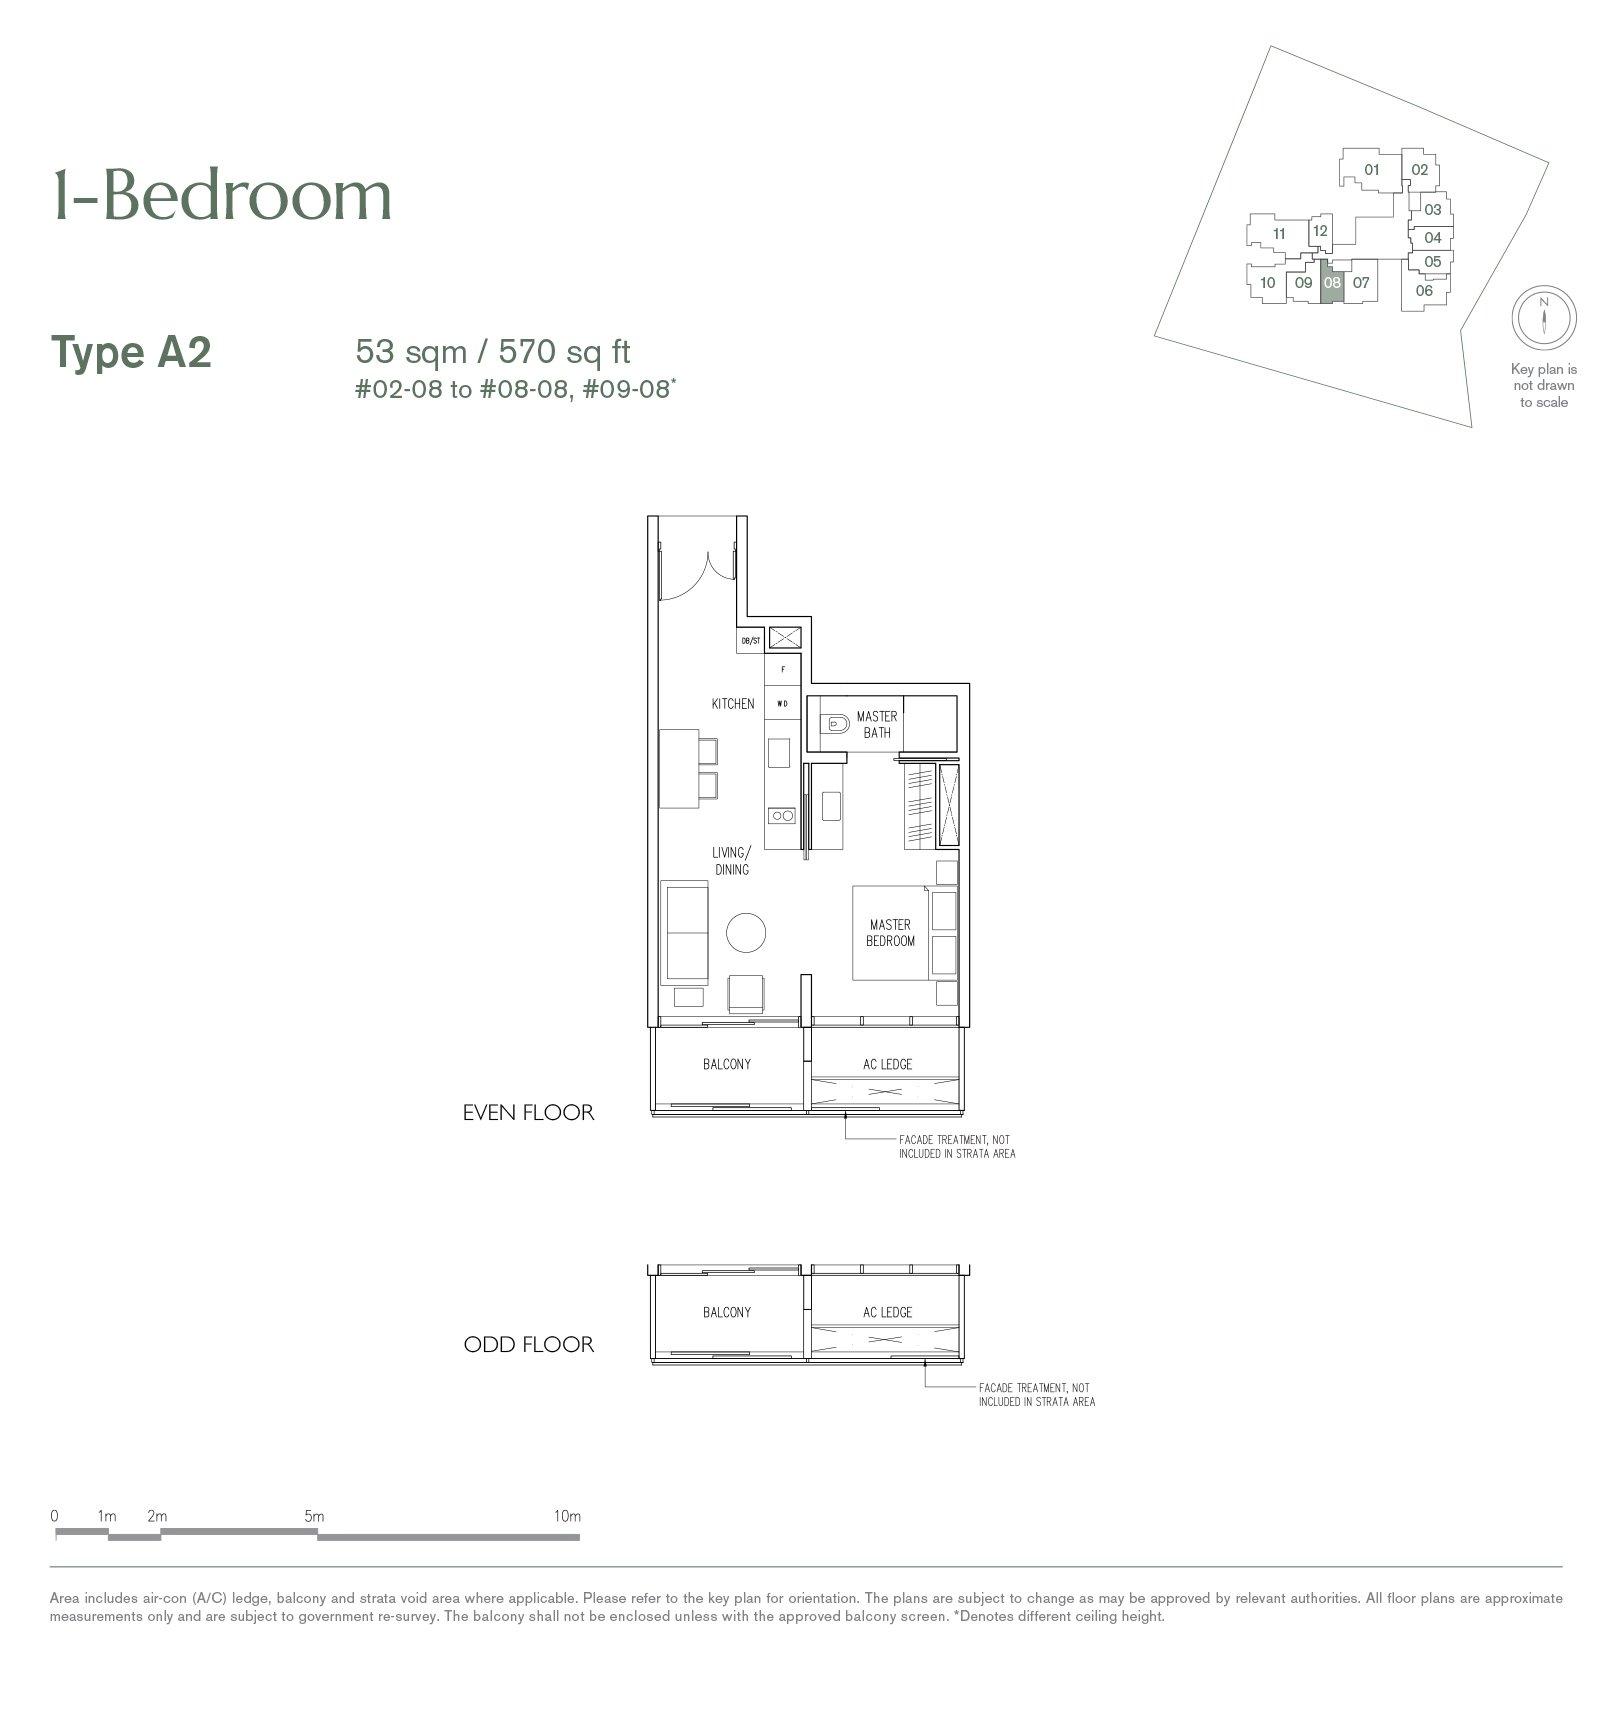 19 Nassim 纳森山公寓 floor plan 1-bedroom A2